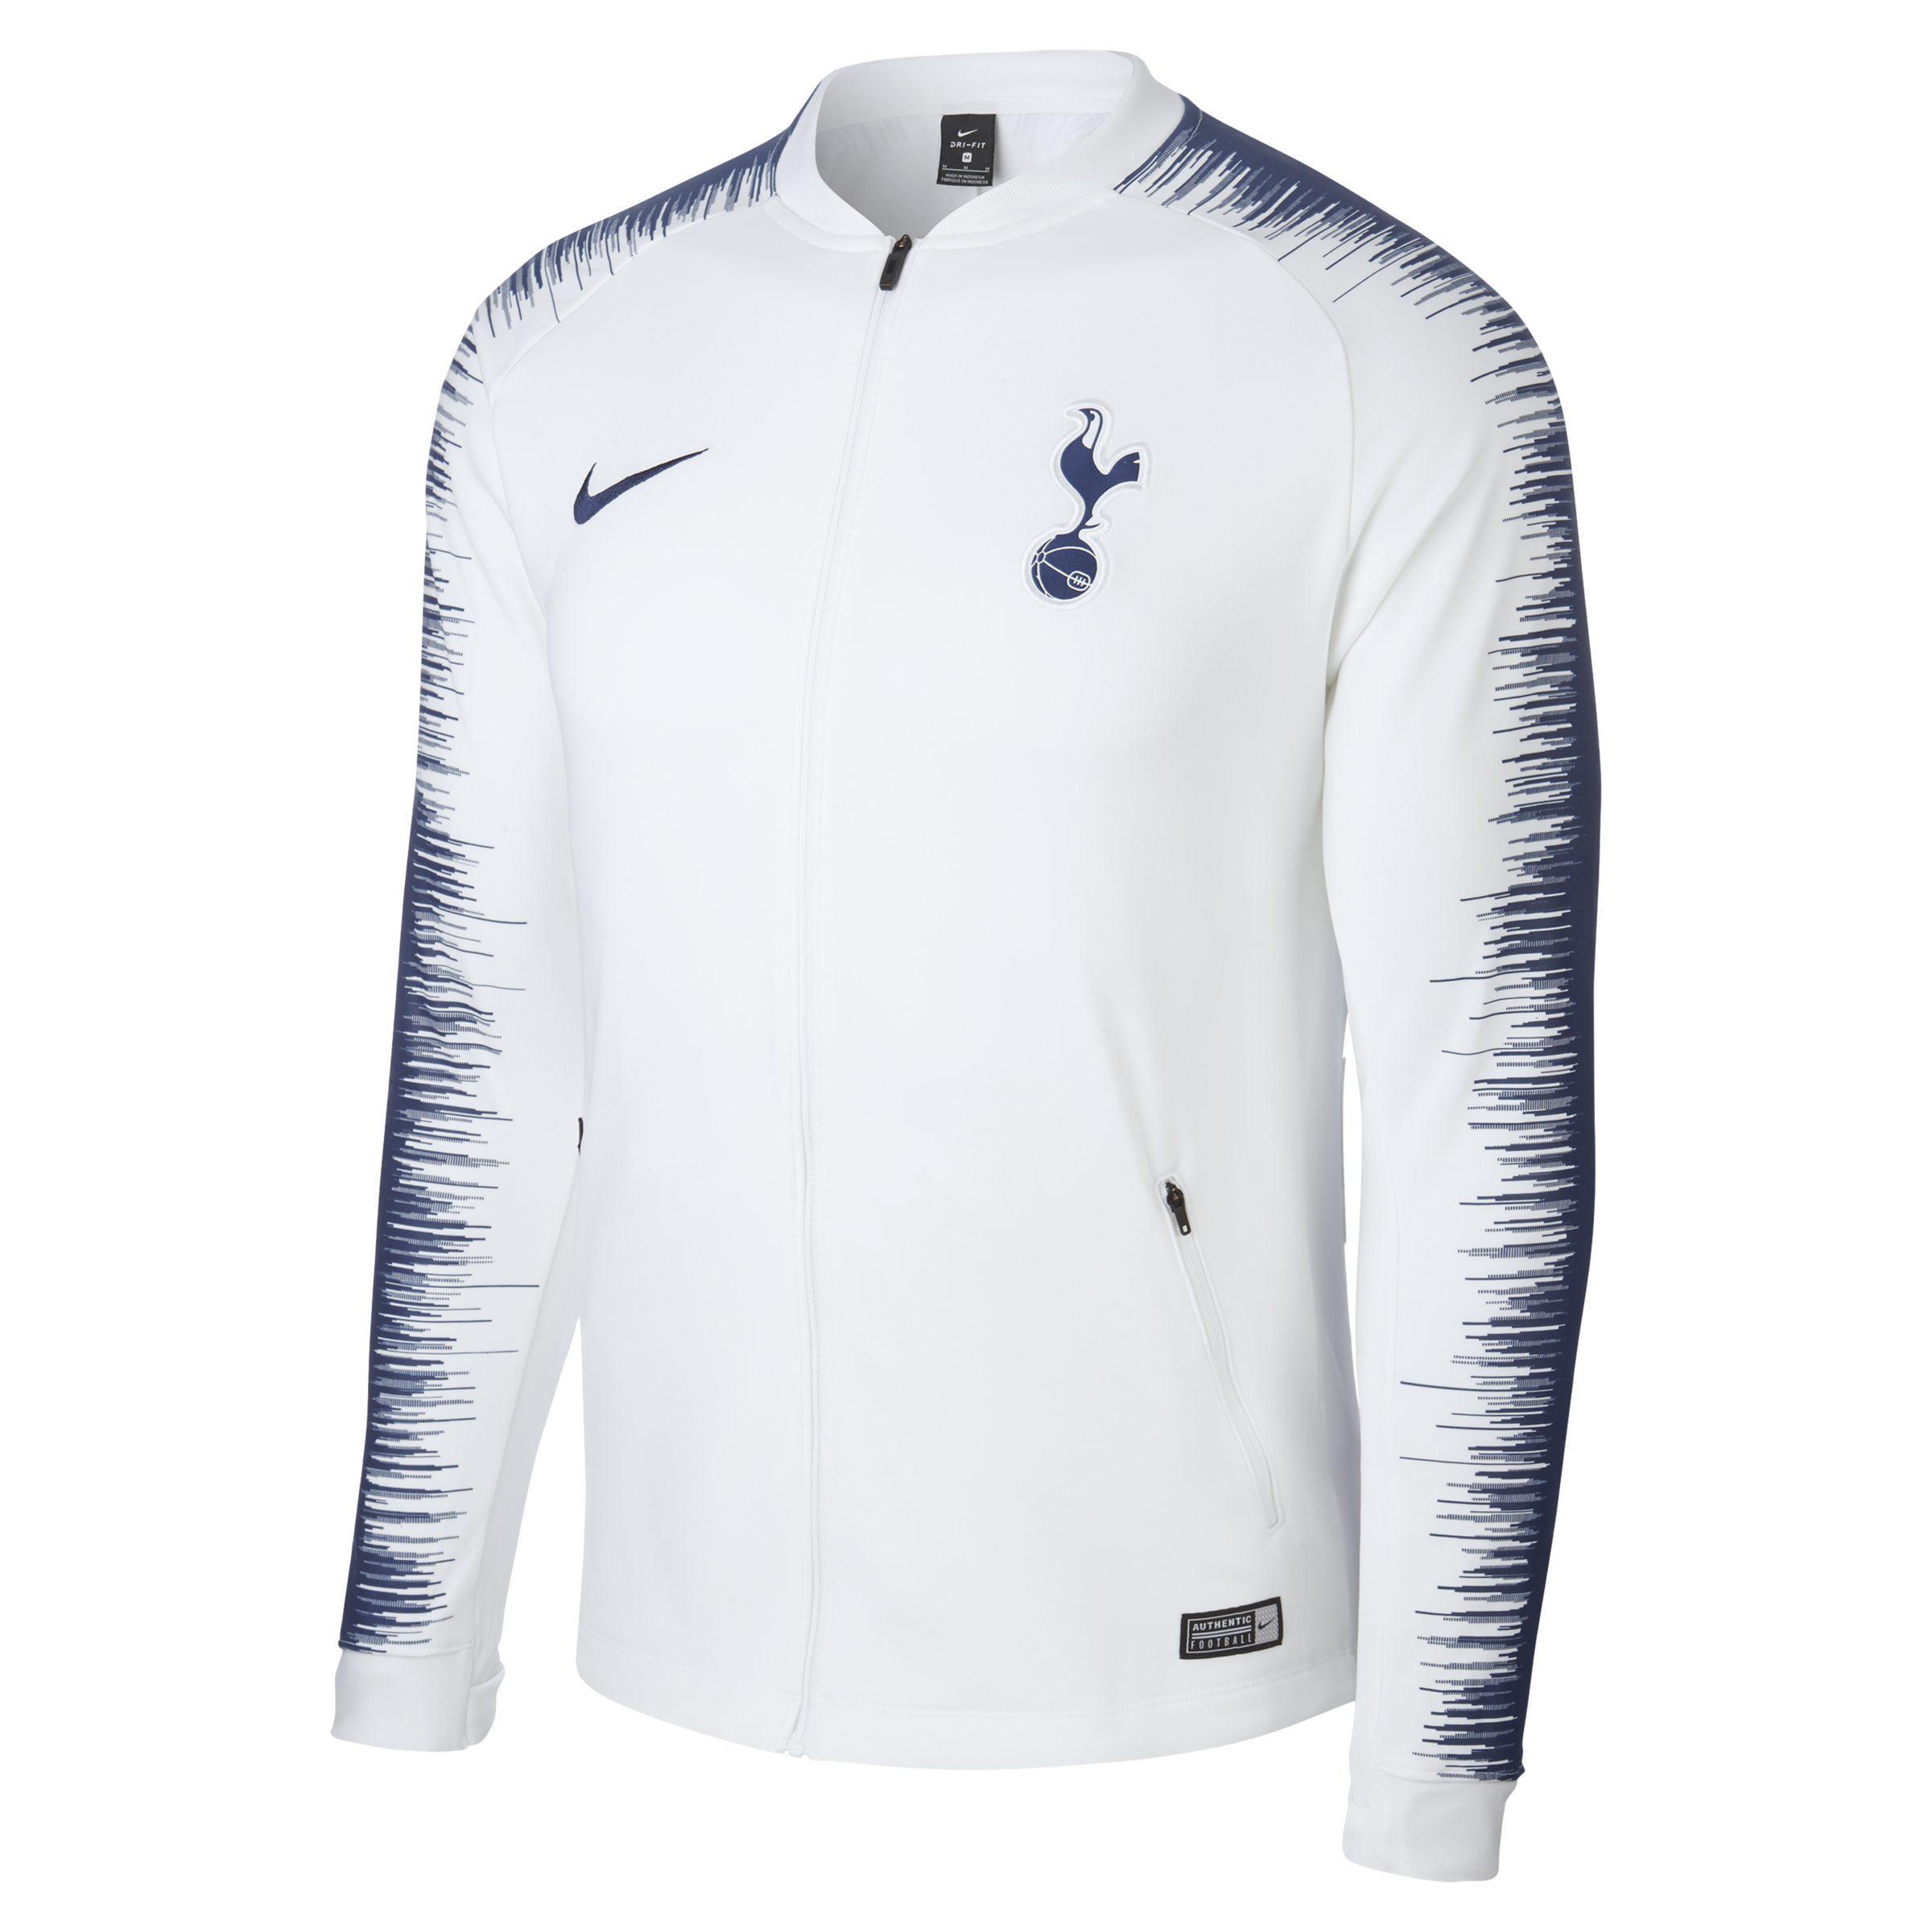 7e895dc89 Nike Tottenham Hotspur Anthem Football Jacket in White for Men - Lyst